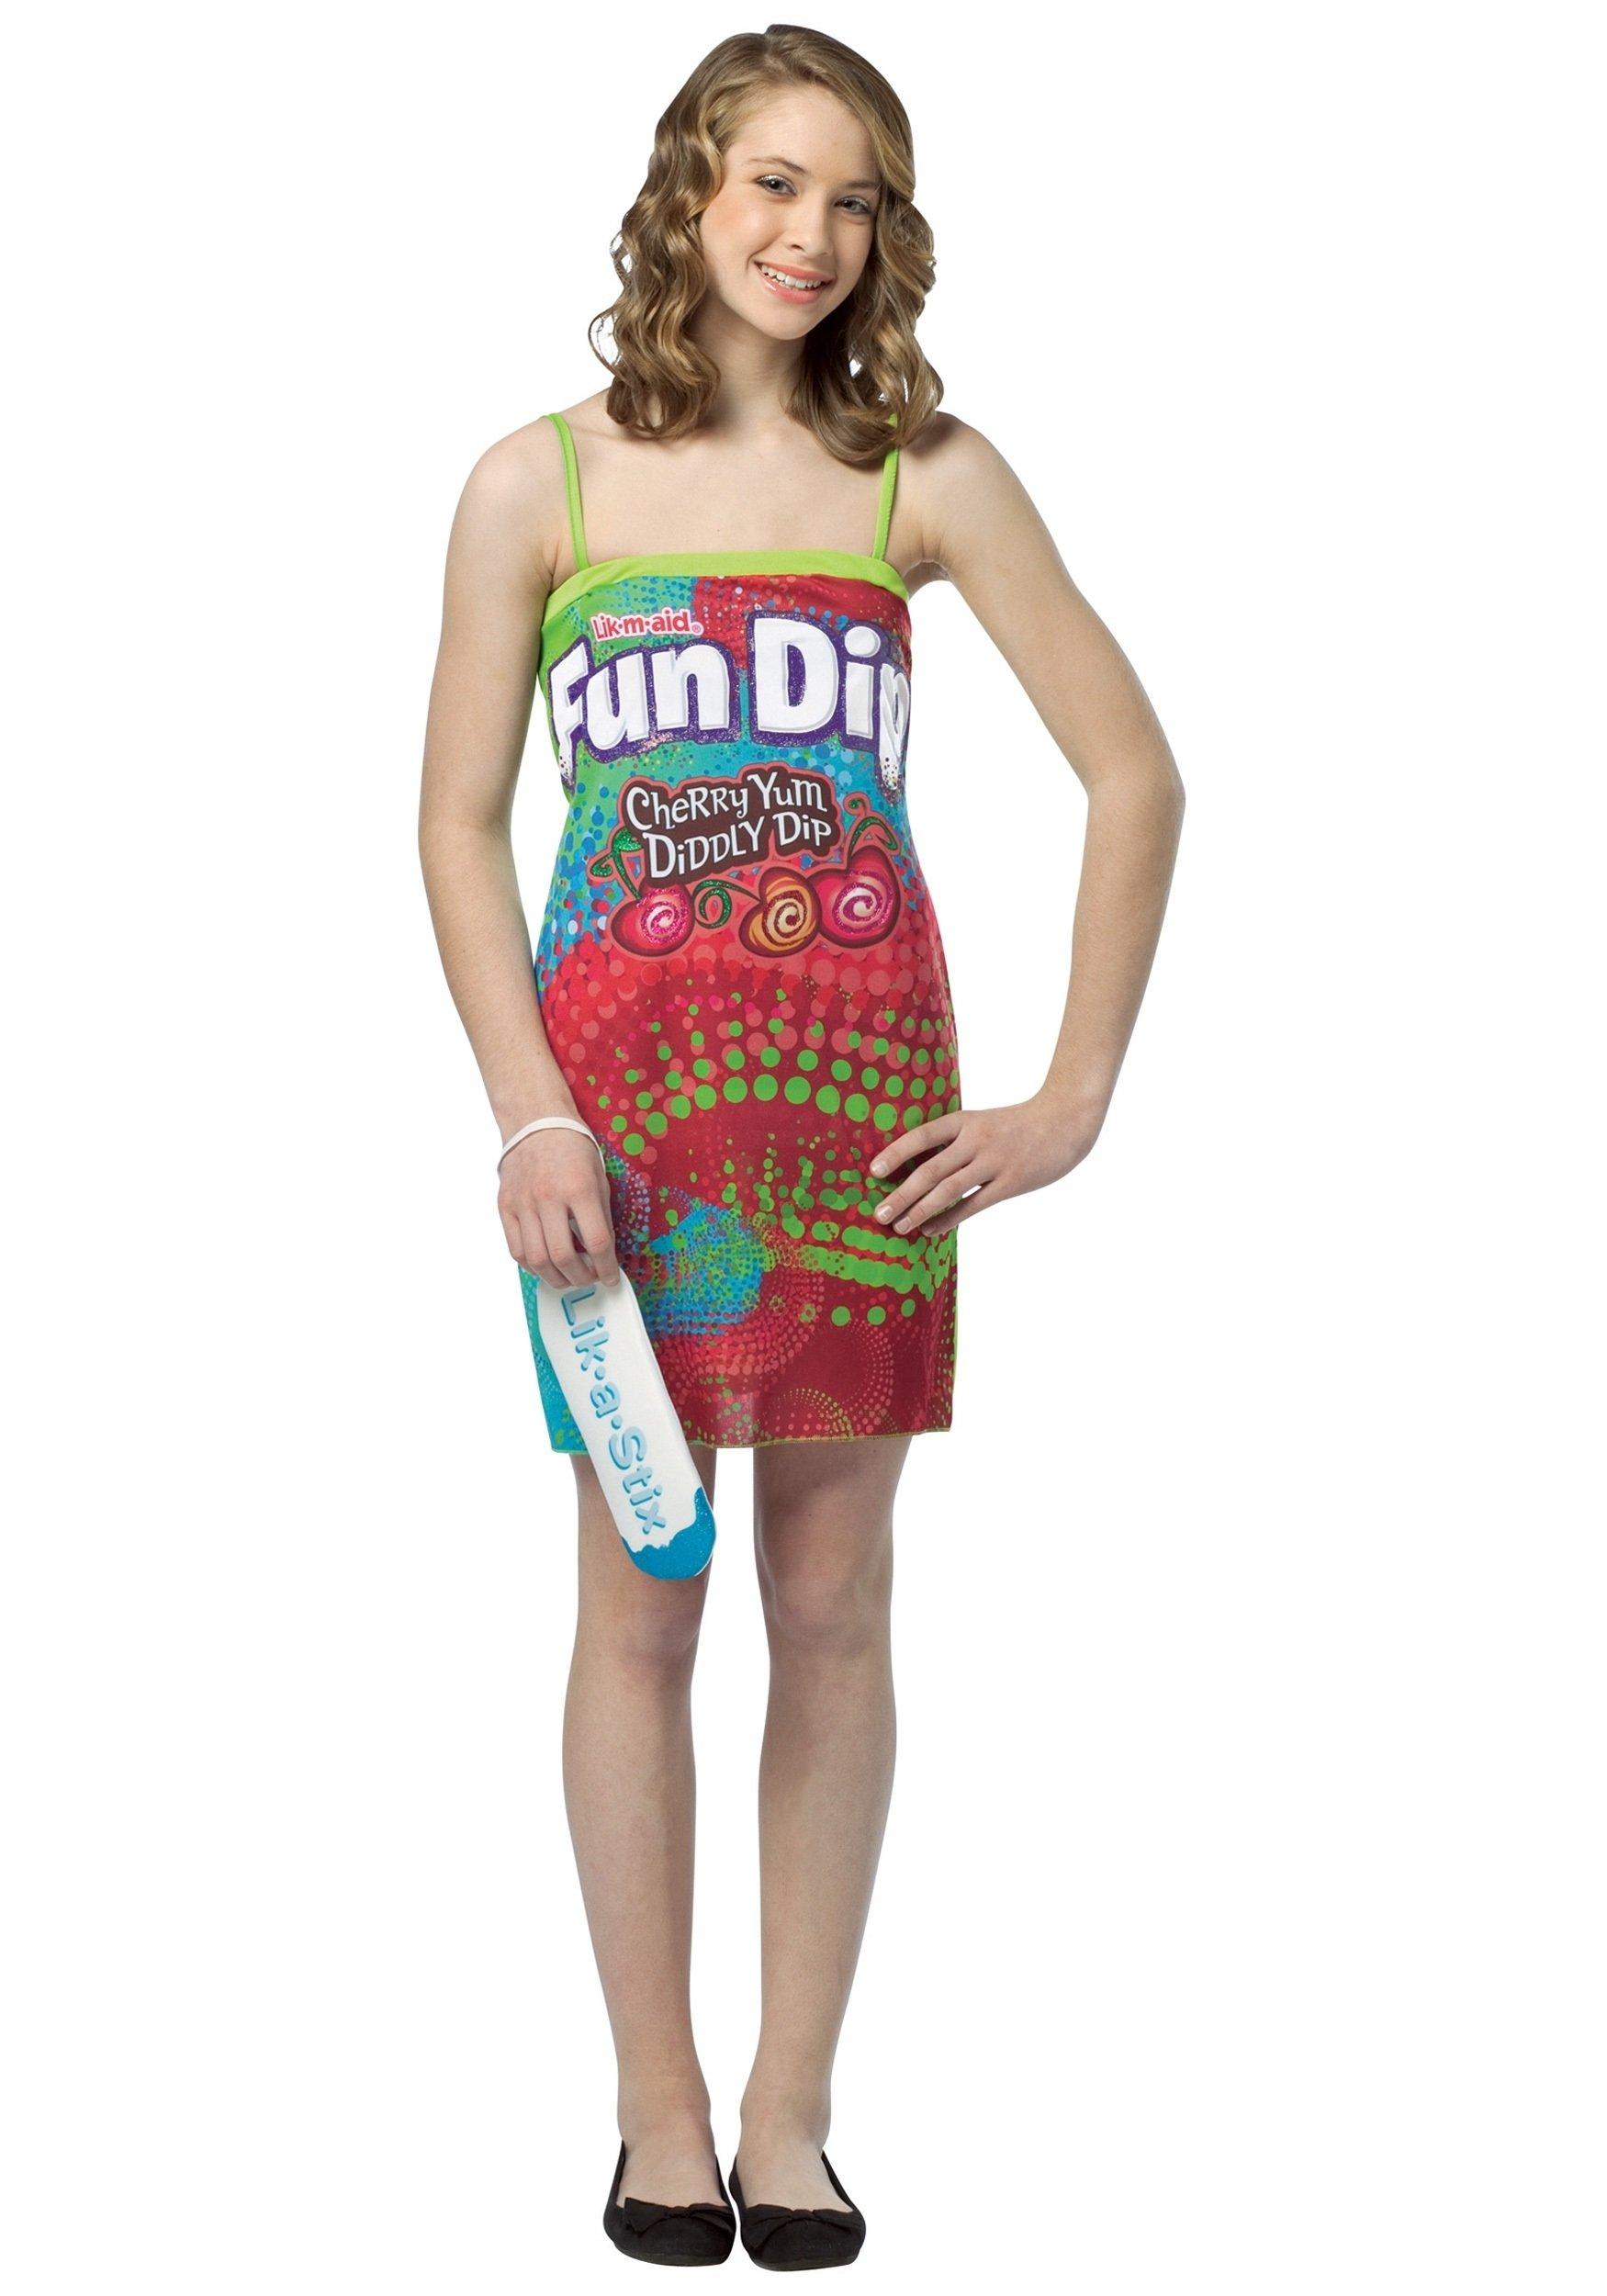 10 Lovable Good Halloween Costume Ideas For Girls teen fun dip dress halloween pinterest teen fun  sc 1 st  Unique Ideas 2018 & 10 Lovable Good Halloween Costume Ideas For Girls